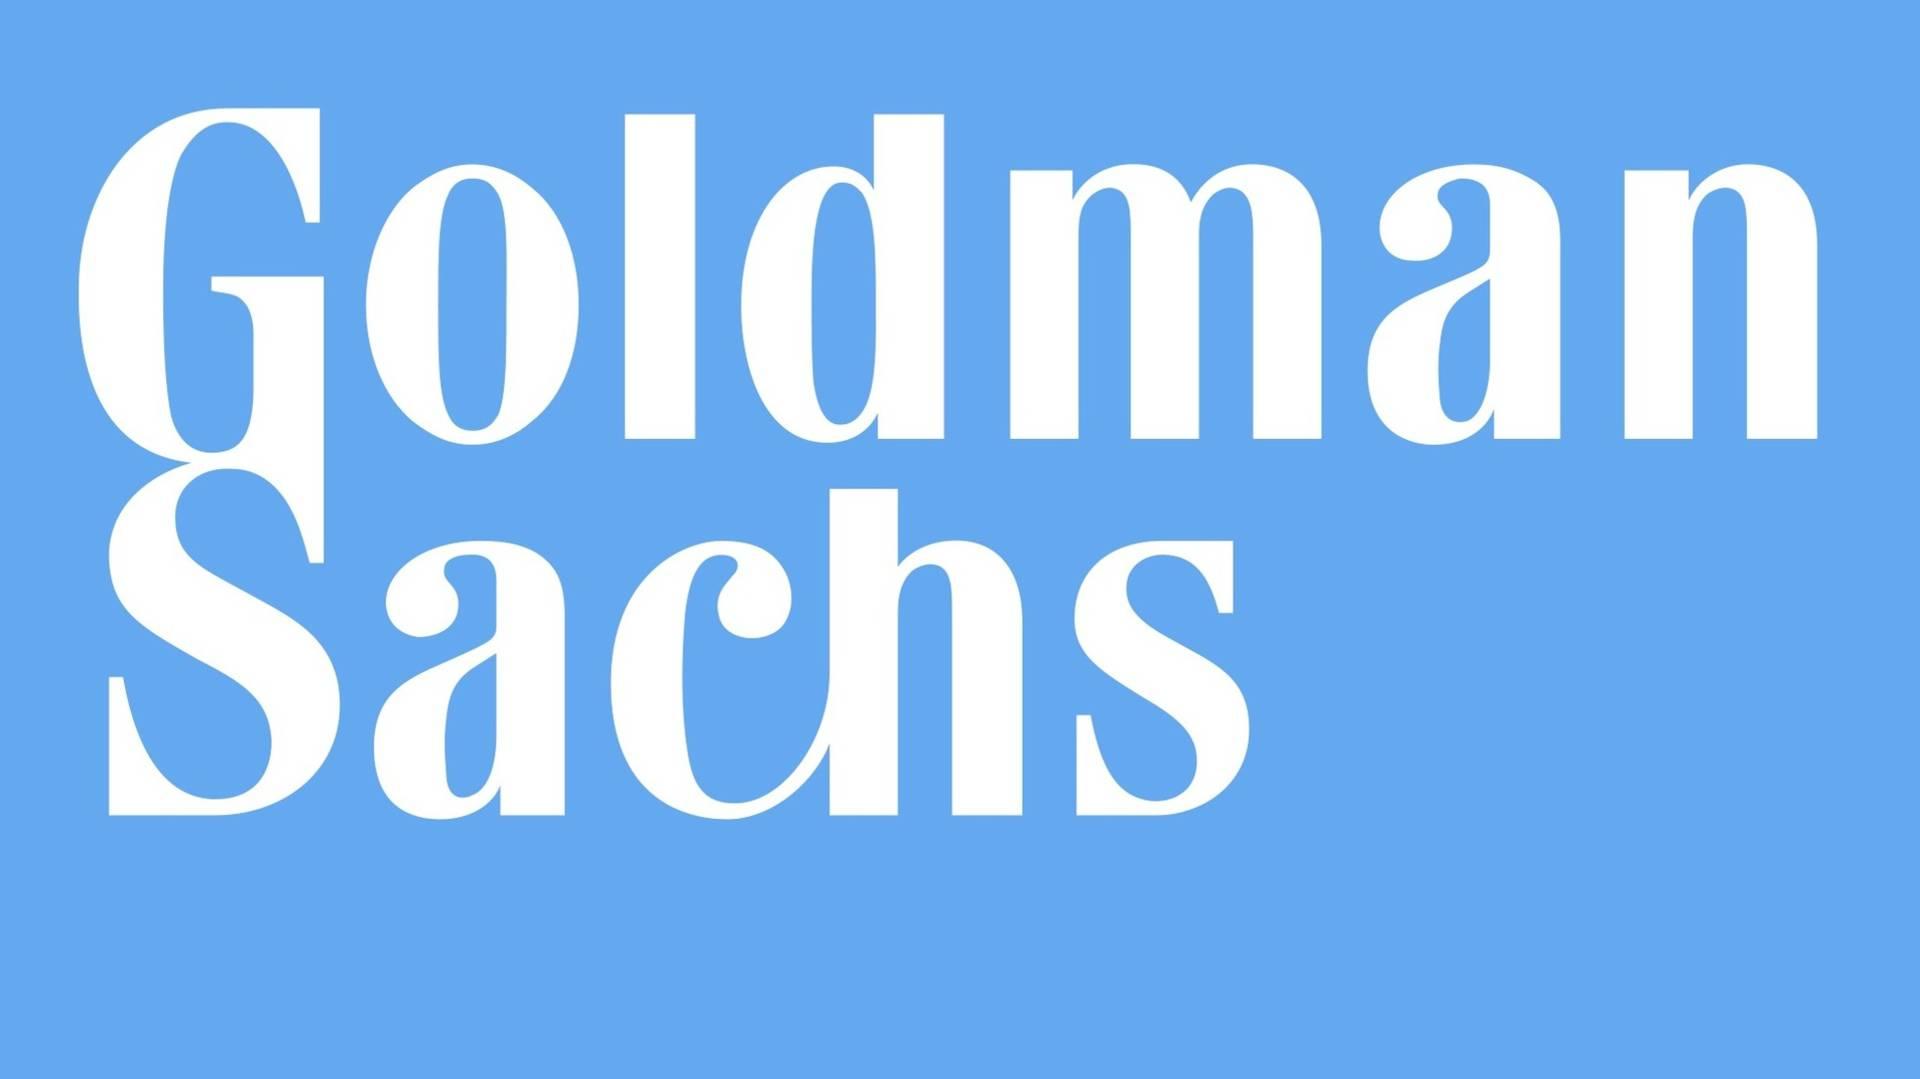 Αποτέλεσμα εικόνας για goldman sachs logo